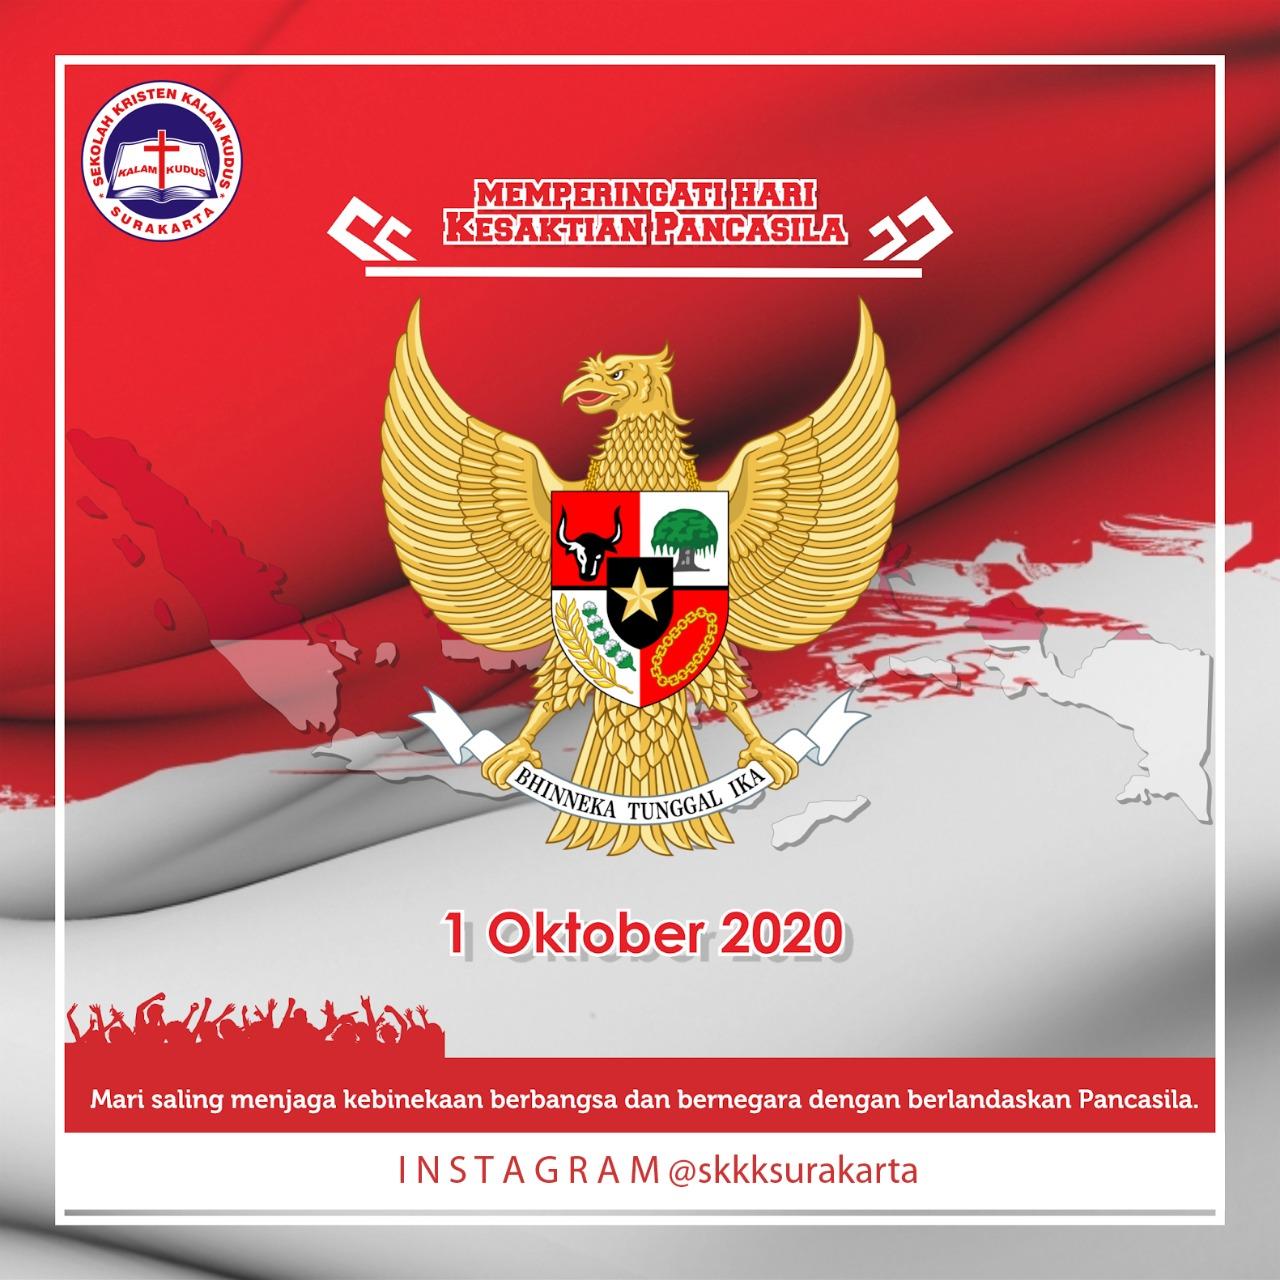 Selamat Hari Kesaktian Pancasila 1 Oktober 2020